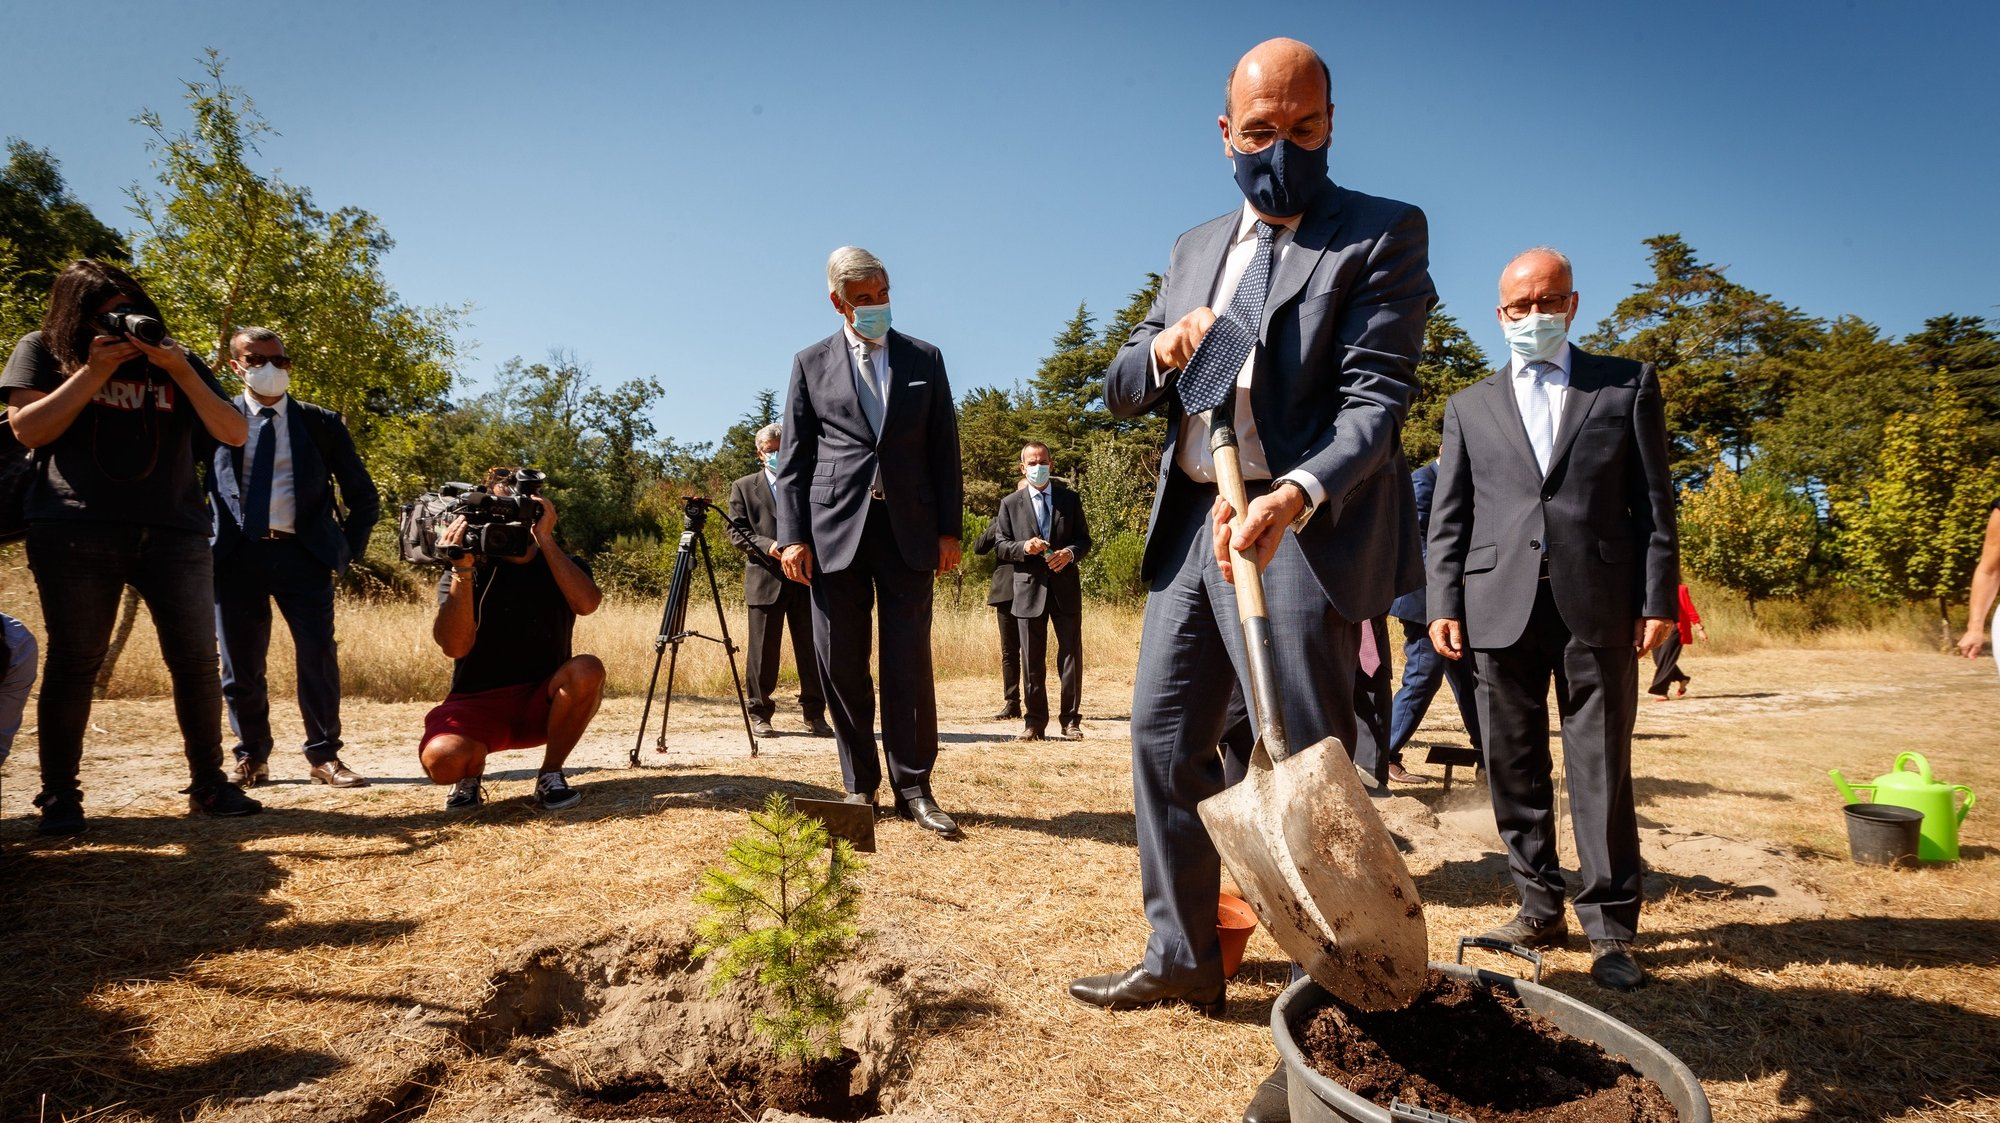 O ministro de Estado, da Economia e da Transição Digital, Pedro Siza Vieira (2-D), planta uma árvore no Parque de Pedras Salgadas, após a visita ao Centro de Produção de Pedras Salgadas, em Vila Pouca de Aguiar, 28 de julho de 2021. PEDRO SARMENTO COSTA/LUSA